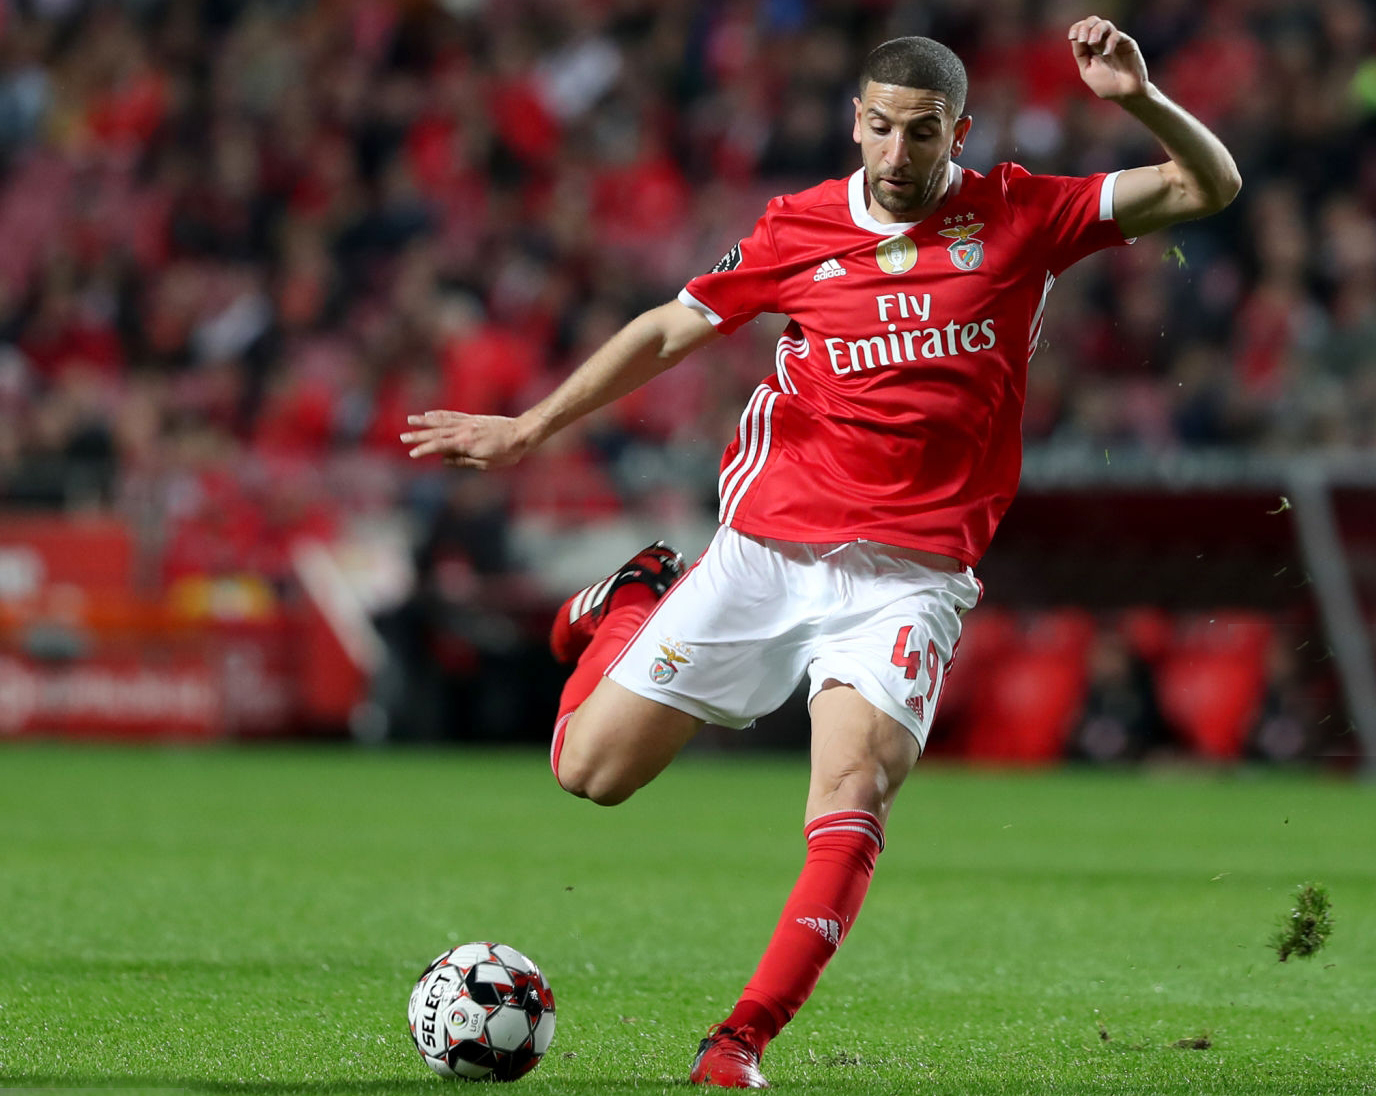 تاعرابت أفضل لاعب بالبرتغال بحسب مجلة فرنسية